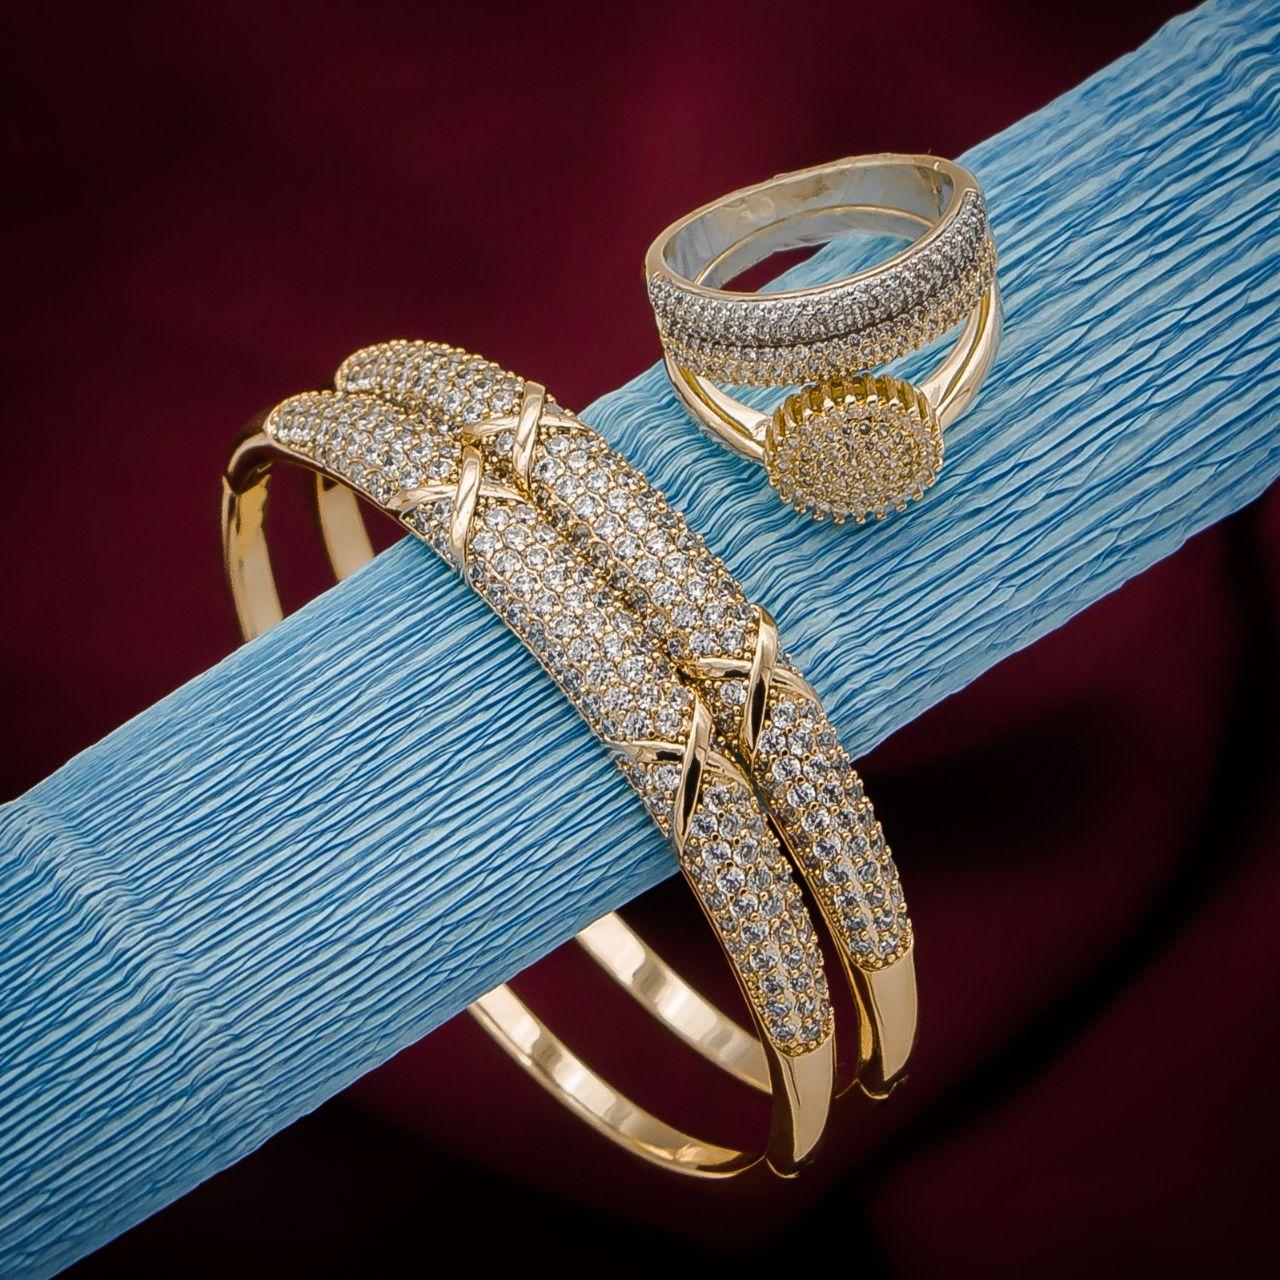 مجموعة الفخامة 1 تتكون من 2 براسلي وخاتم + علبة واقية بالمجان